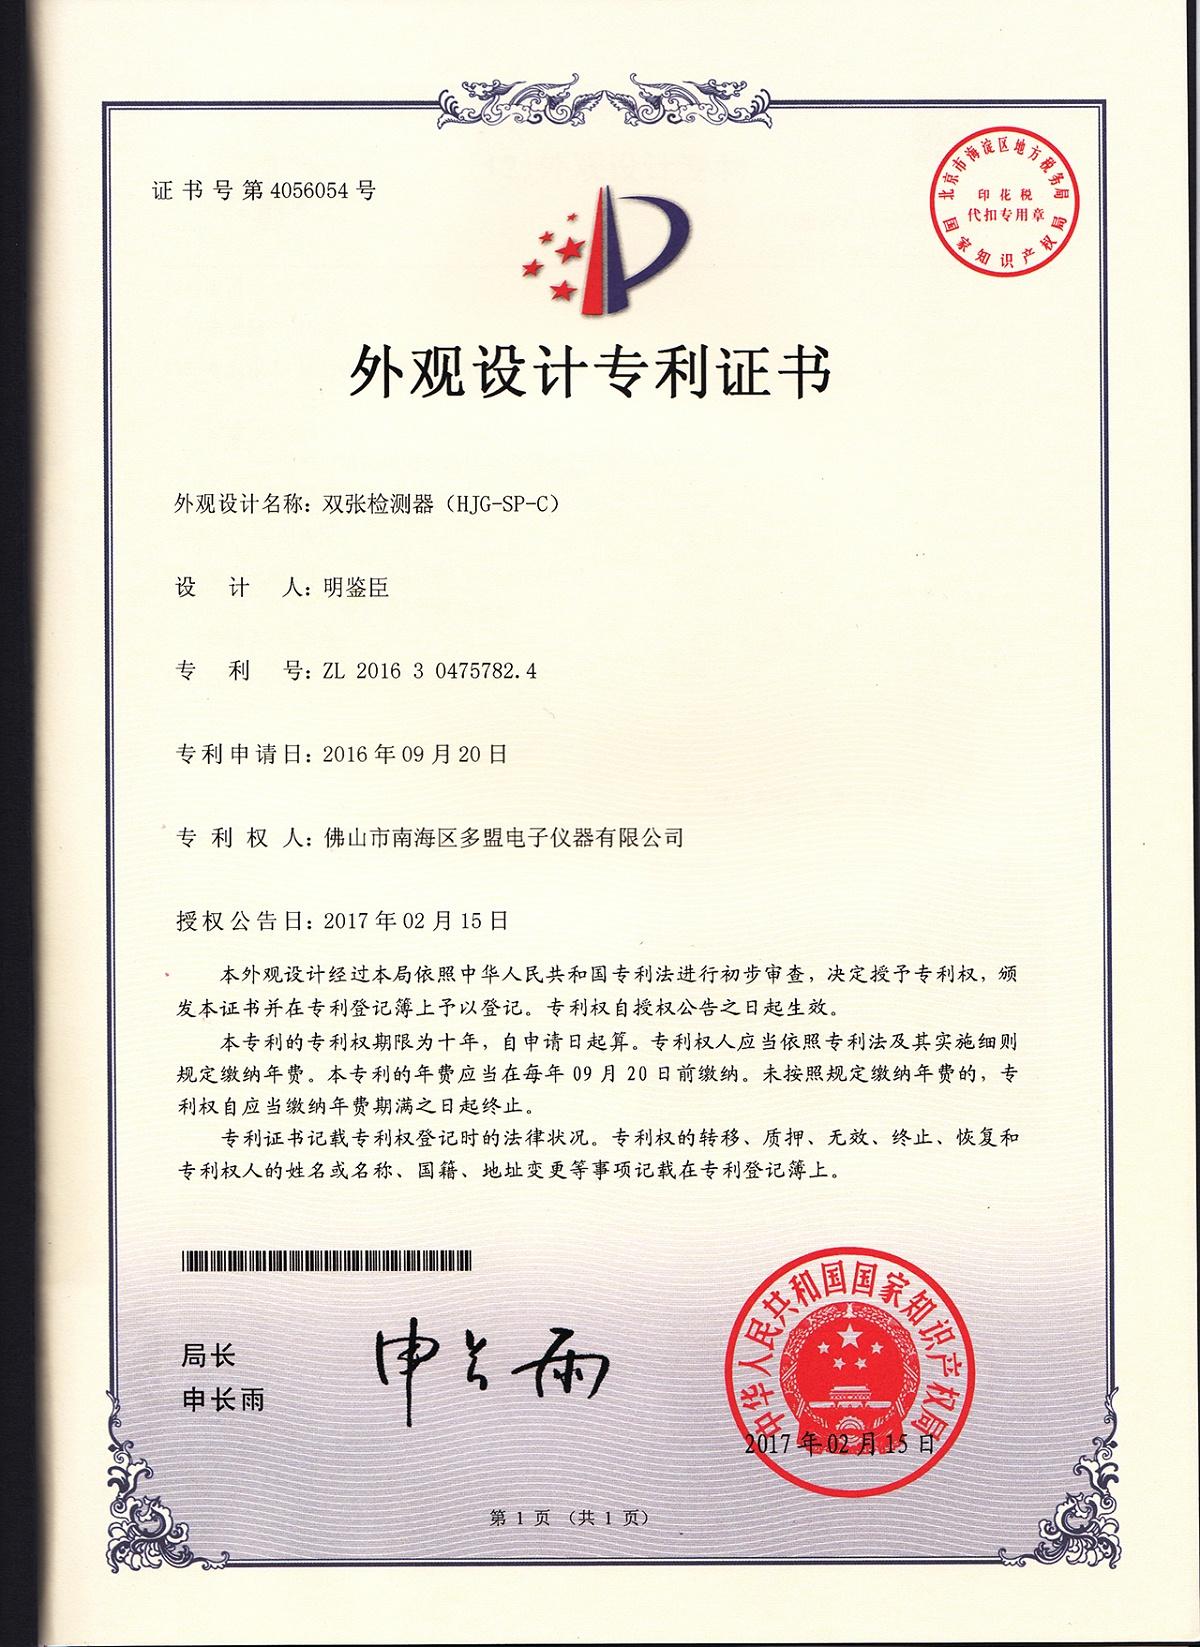 SP-C(1)